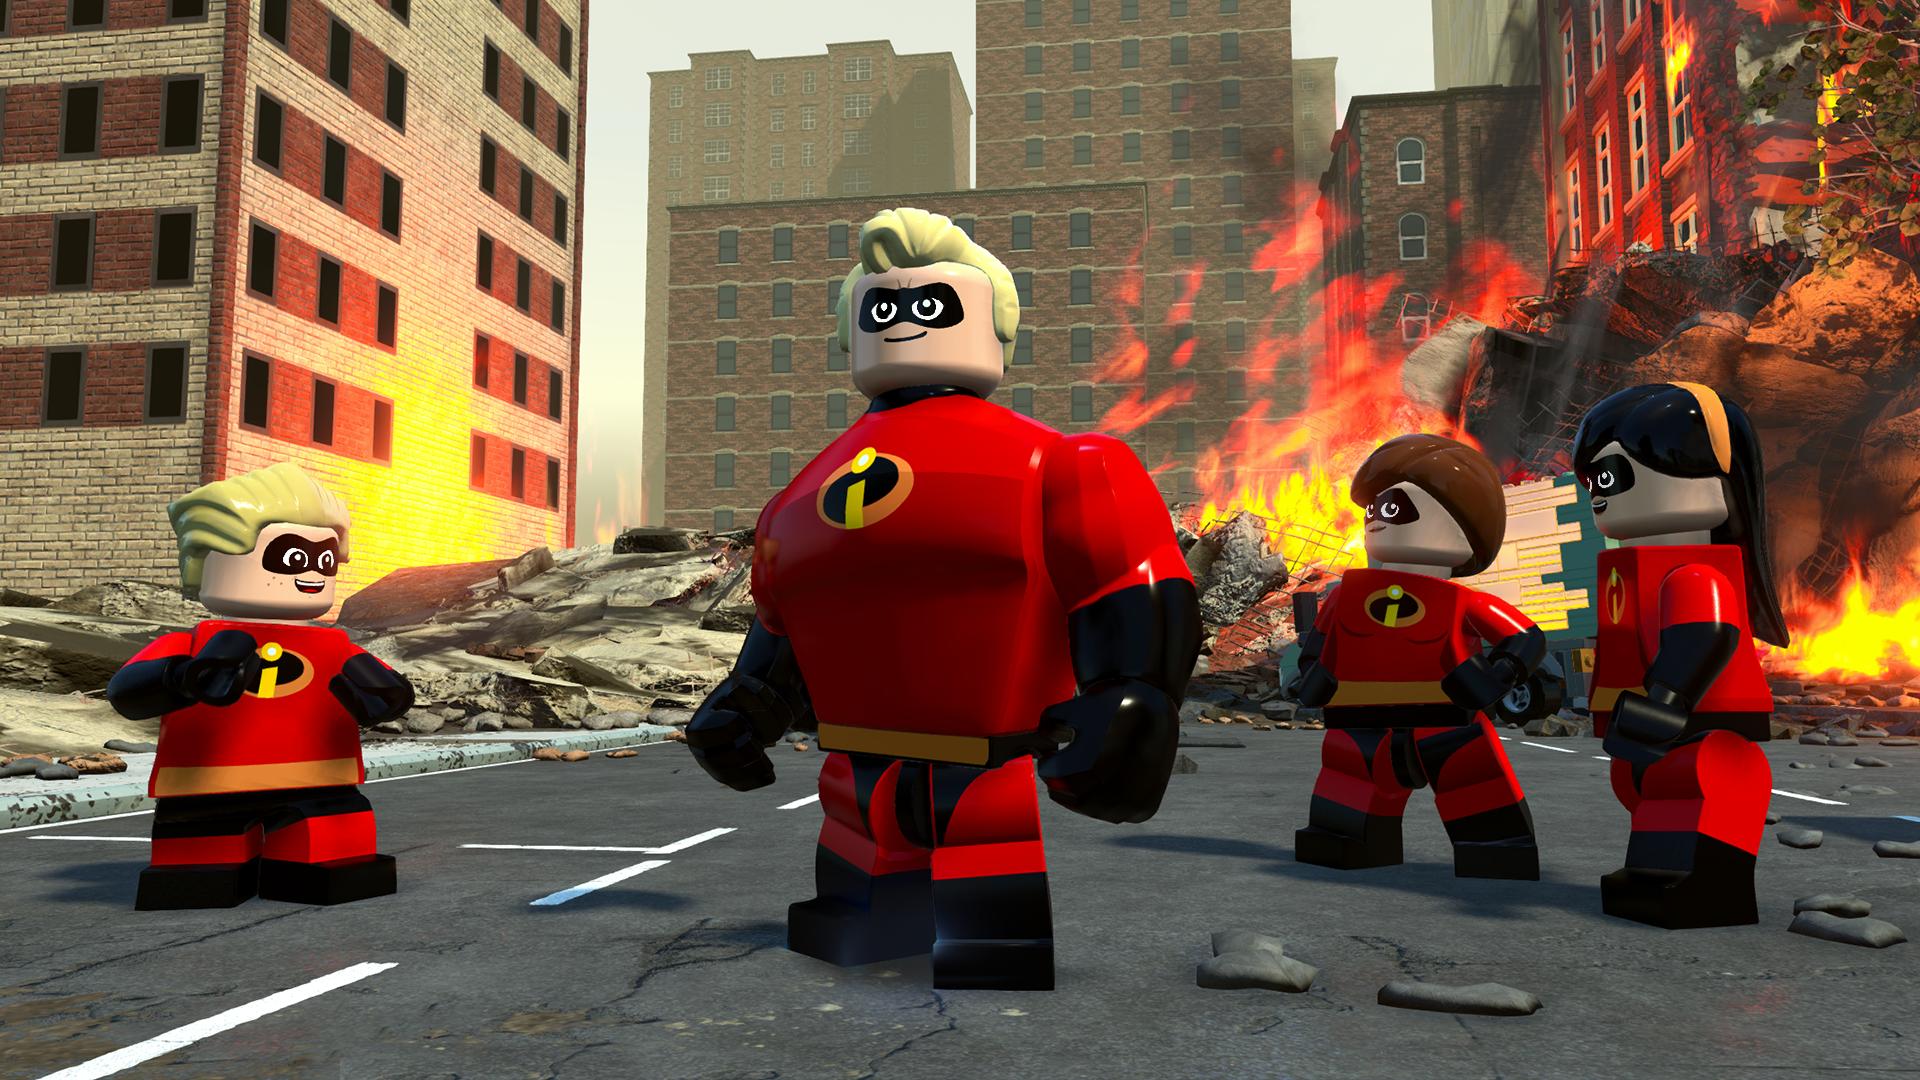 Arriva la data ufficiale sull'uscita di Lego Gli Incredibili